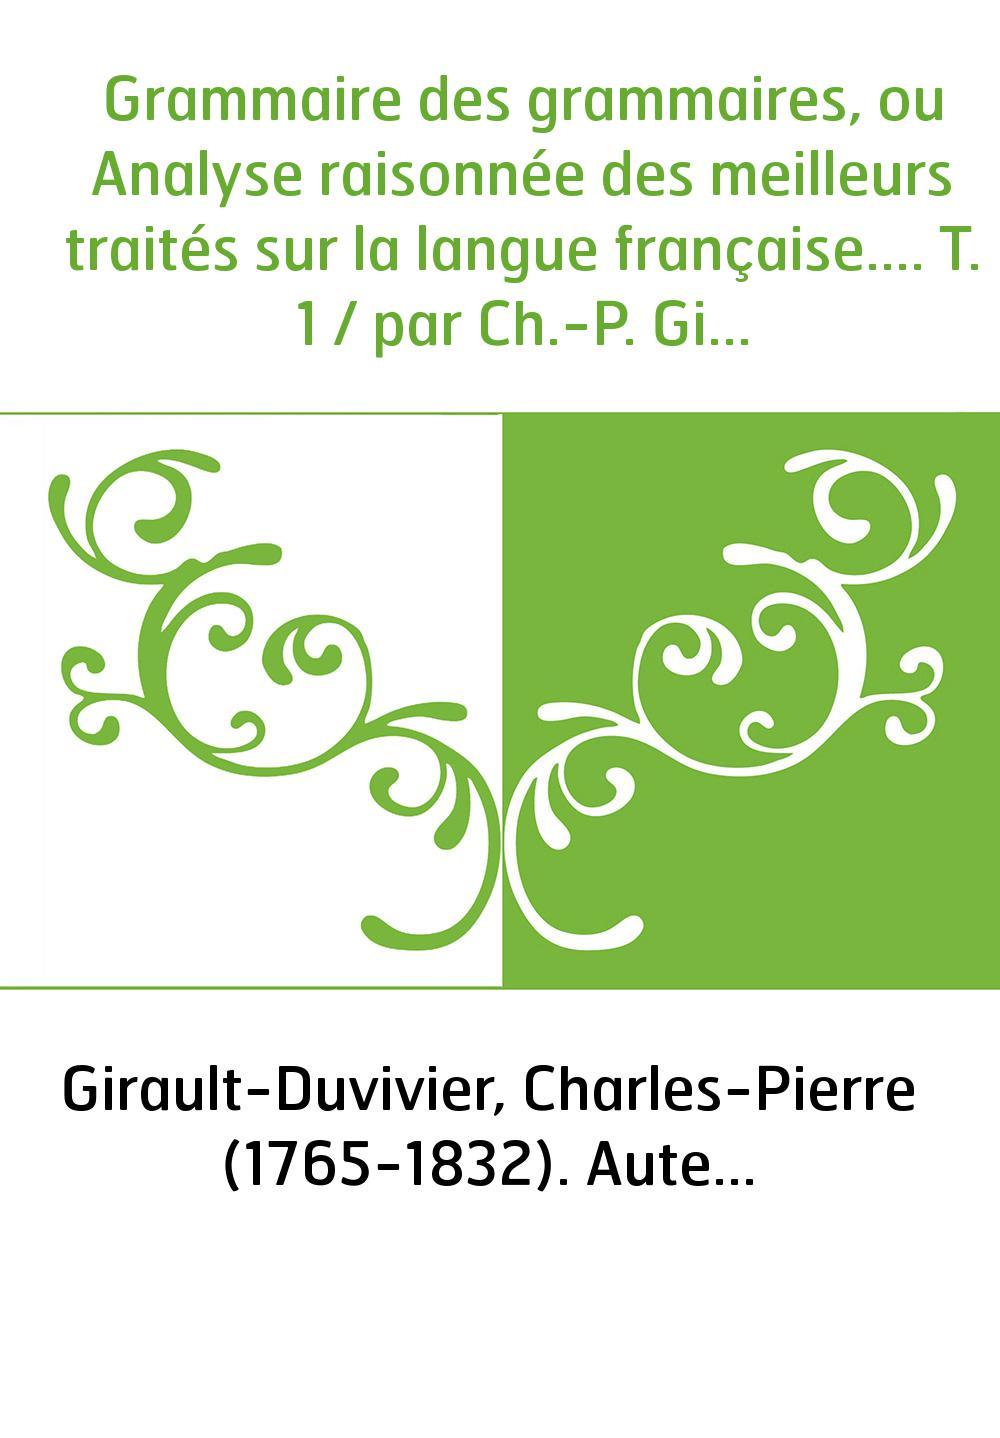 Grammaire des grammaires, ou Analyse raisonnée des meilleurs traités sur la langue française.... T. 1 / par Ch.-P. Girault-Duviv